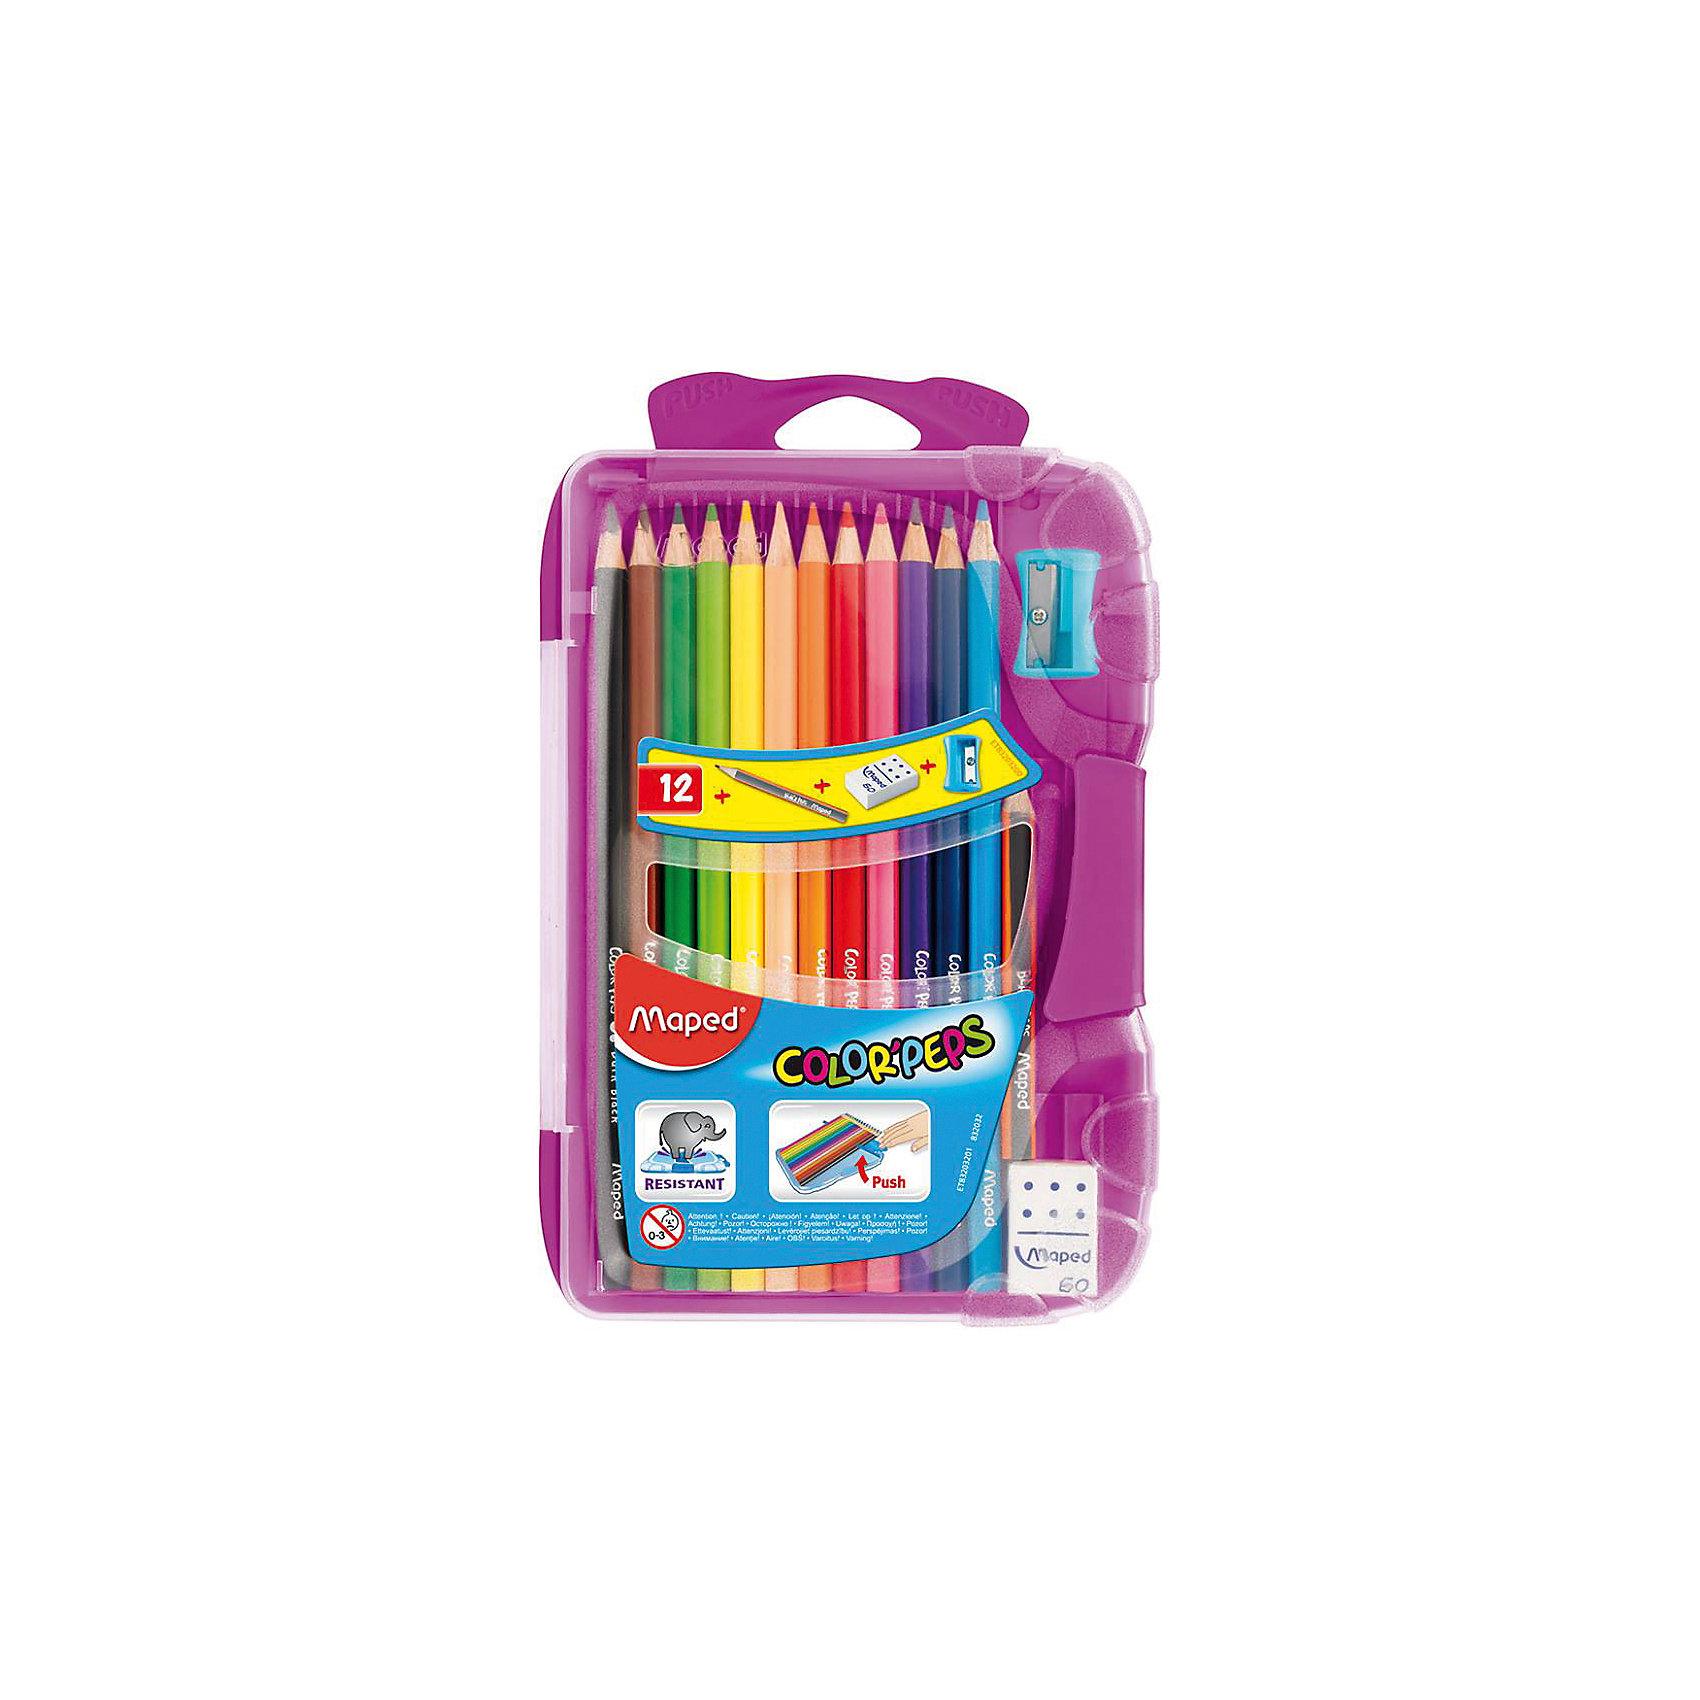 Набор цветных карандашей в пенале КАР COLORPEPS, 12 цв.Рисование<br>Набор цветных карандашей в пенале КАР COLORPEPS, 12 цв. от марки Maped<br><br>Эти карандаши созданы компанией Maped для комфортного и легкого рисования. Легко затачиваются, при этом грифель очень устойчив к поломкам. Цвета яркие, линия мягкая и однородная.<br>Грифель - из высококачественного материала. В наборе - 12 карандашей разных цветов. Они отлично лежат в руке благодаря удобной форме и качественному покрытию. Действительно удобный инструмент для рисования. Созданы для ярких картин! Безопасны для детей. Также в набор входит пластиковый удобный пенал, точилка, ластик и чернографитный карандаш.<br><br>Особенности данной модели:<br><br>материал корпуса: дерево;<br>комплектация: 12 цветных карандашей, 1 чернографитный, ластик, точилка;<br>упаковка: пластиковый пенал;<br><br>Набор цветных карандашей в пенале КАР COLORPEPS, 12 цв. от марки Maped можно купить в нашем магазине.<br><br>Ширина мм: 136<br>Глубина мм: 212<br>Высота мм: 20<br>Вес г: 154<br>Возраст от месяцев: 36<br>Возраст до месяцев: 2147483647<br>Пол: Унисекс<br>Возраст: Детский<br>SKU: 4684745